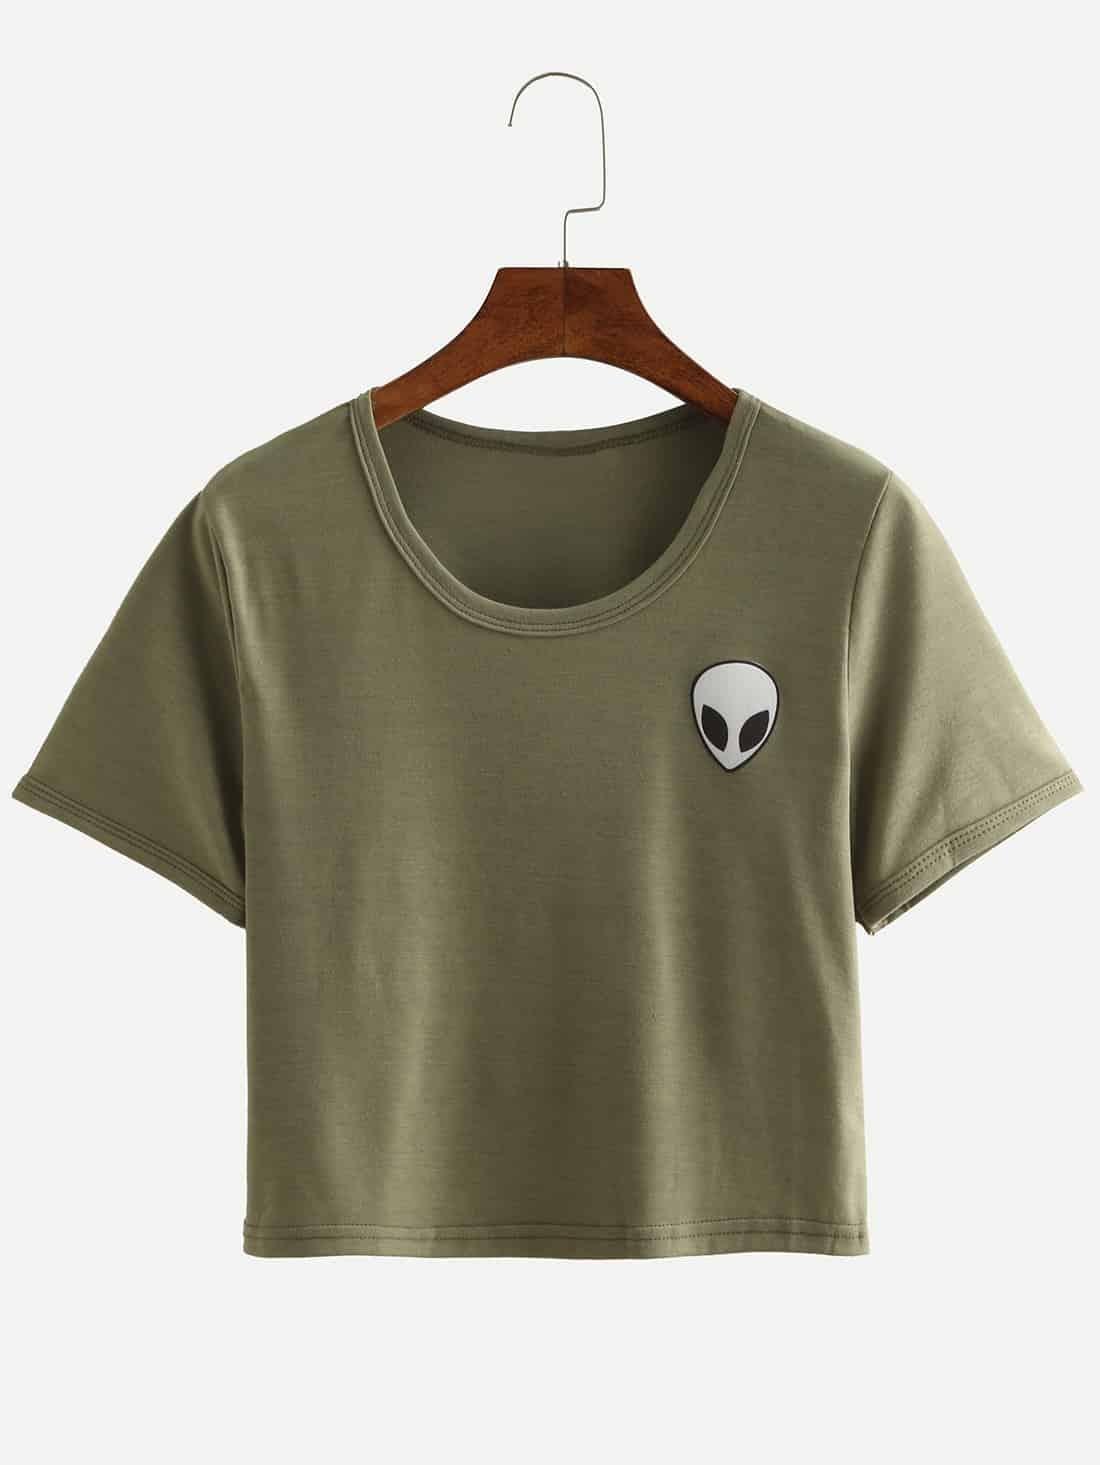 Alien Print Crop T Shirt Olive Greenfor Women Romwe